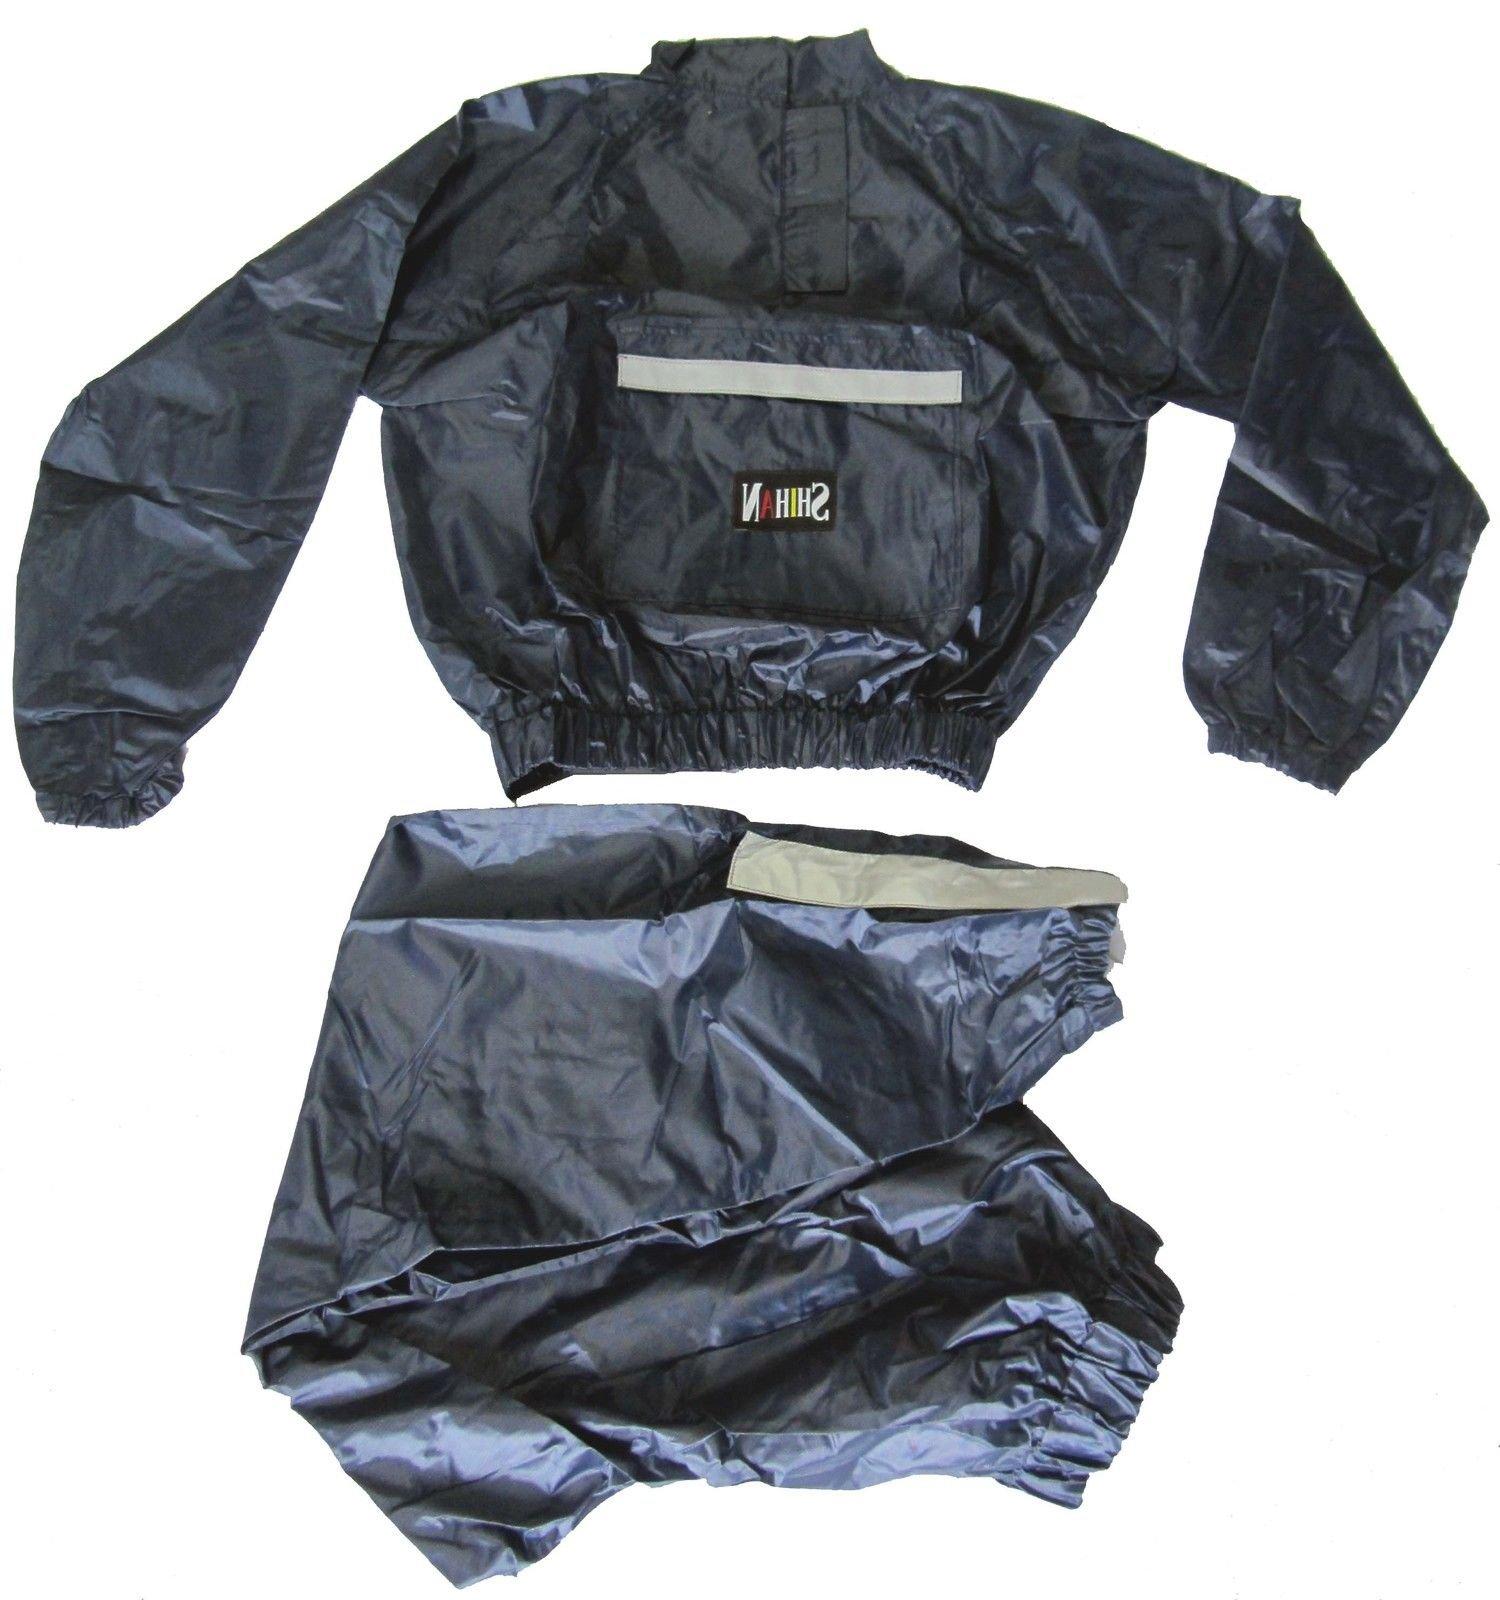 Sauna Suit ELITE-PRO Deluxe – SHIHAN – Size -XXXX LARGE